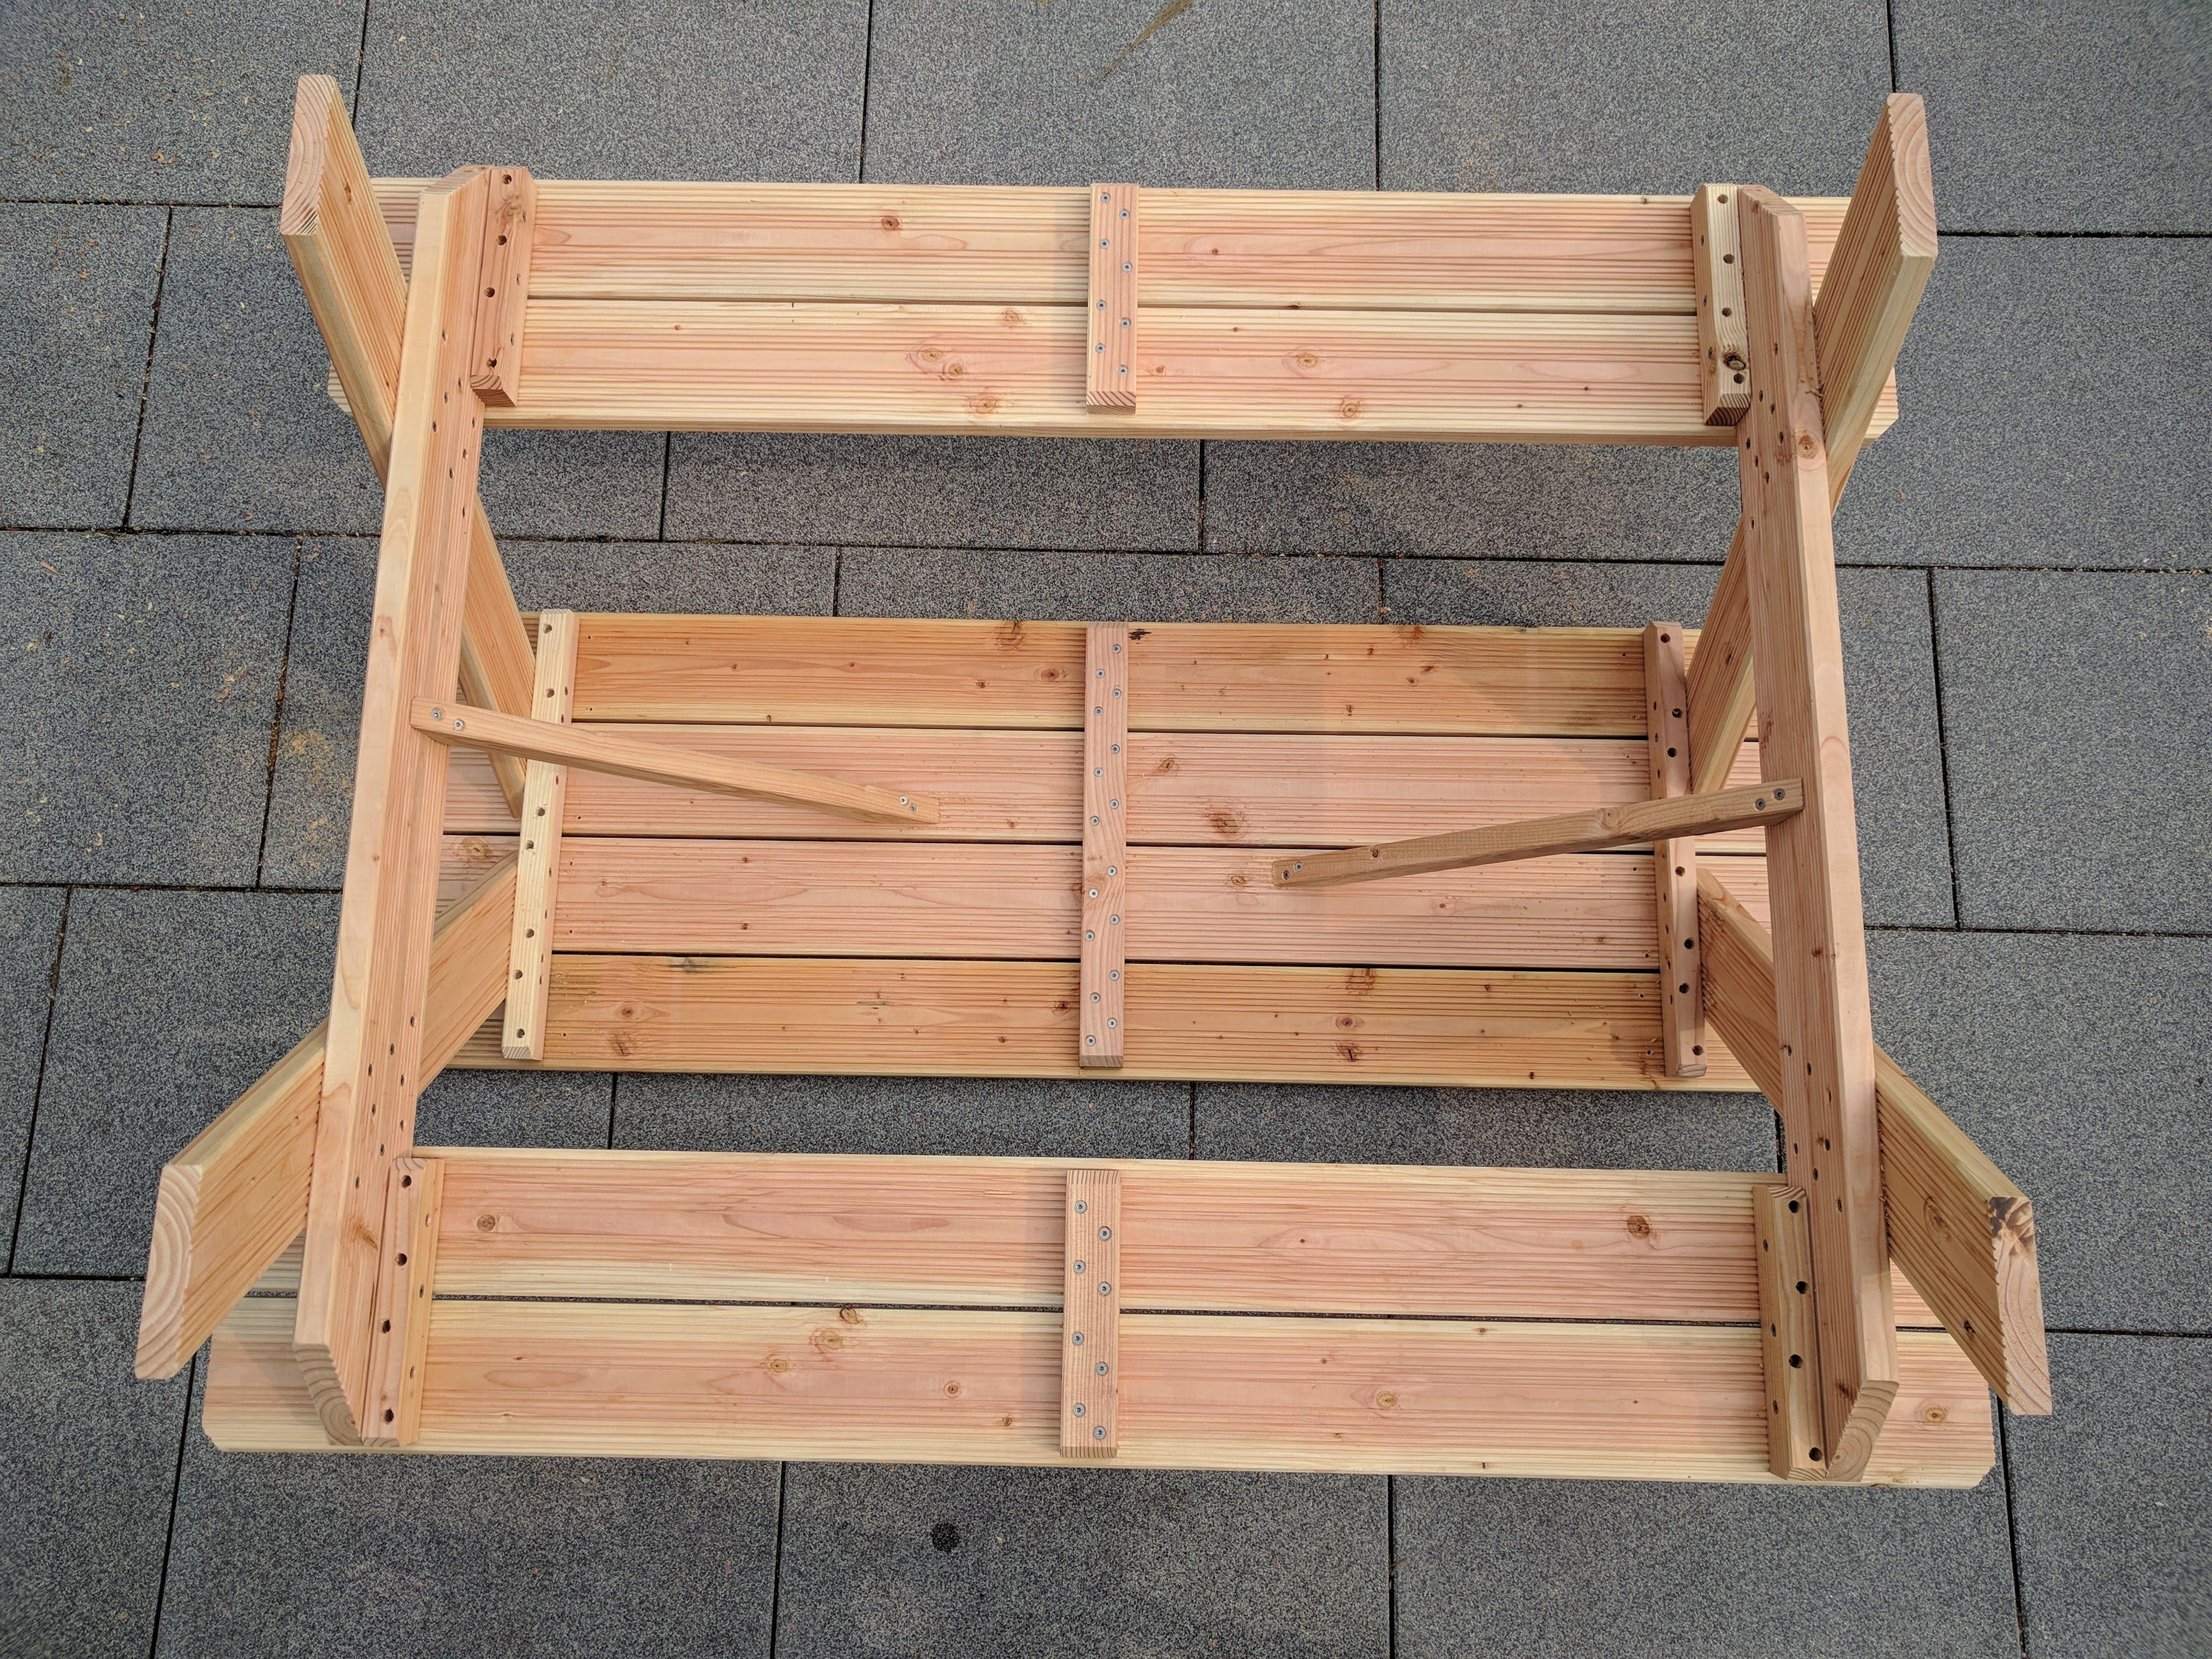 Kletterdreieck Diy : Diy picknicktisch für kinder u gabelschere